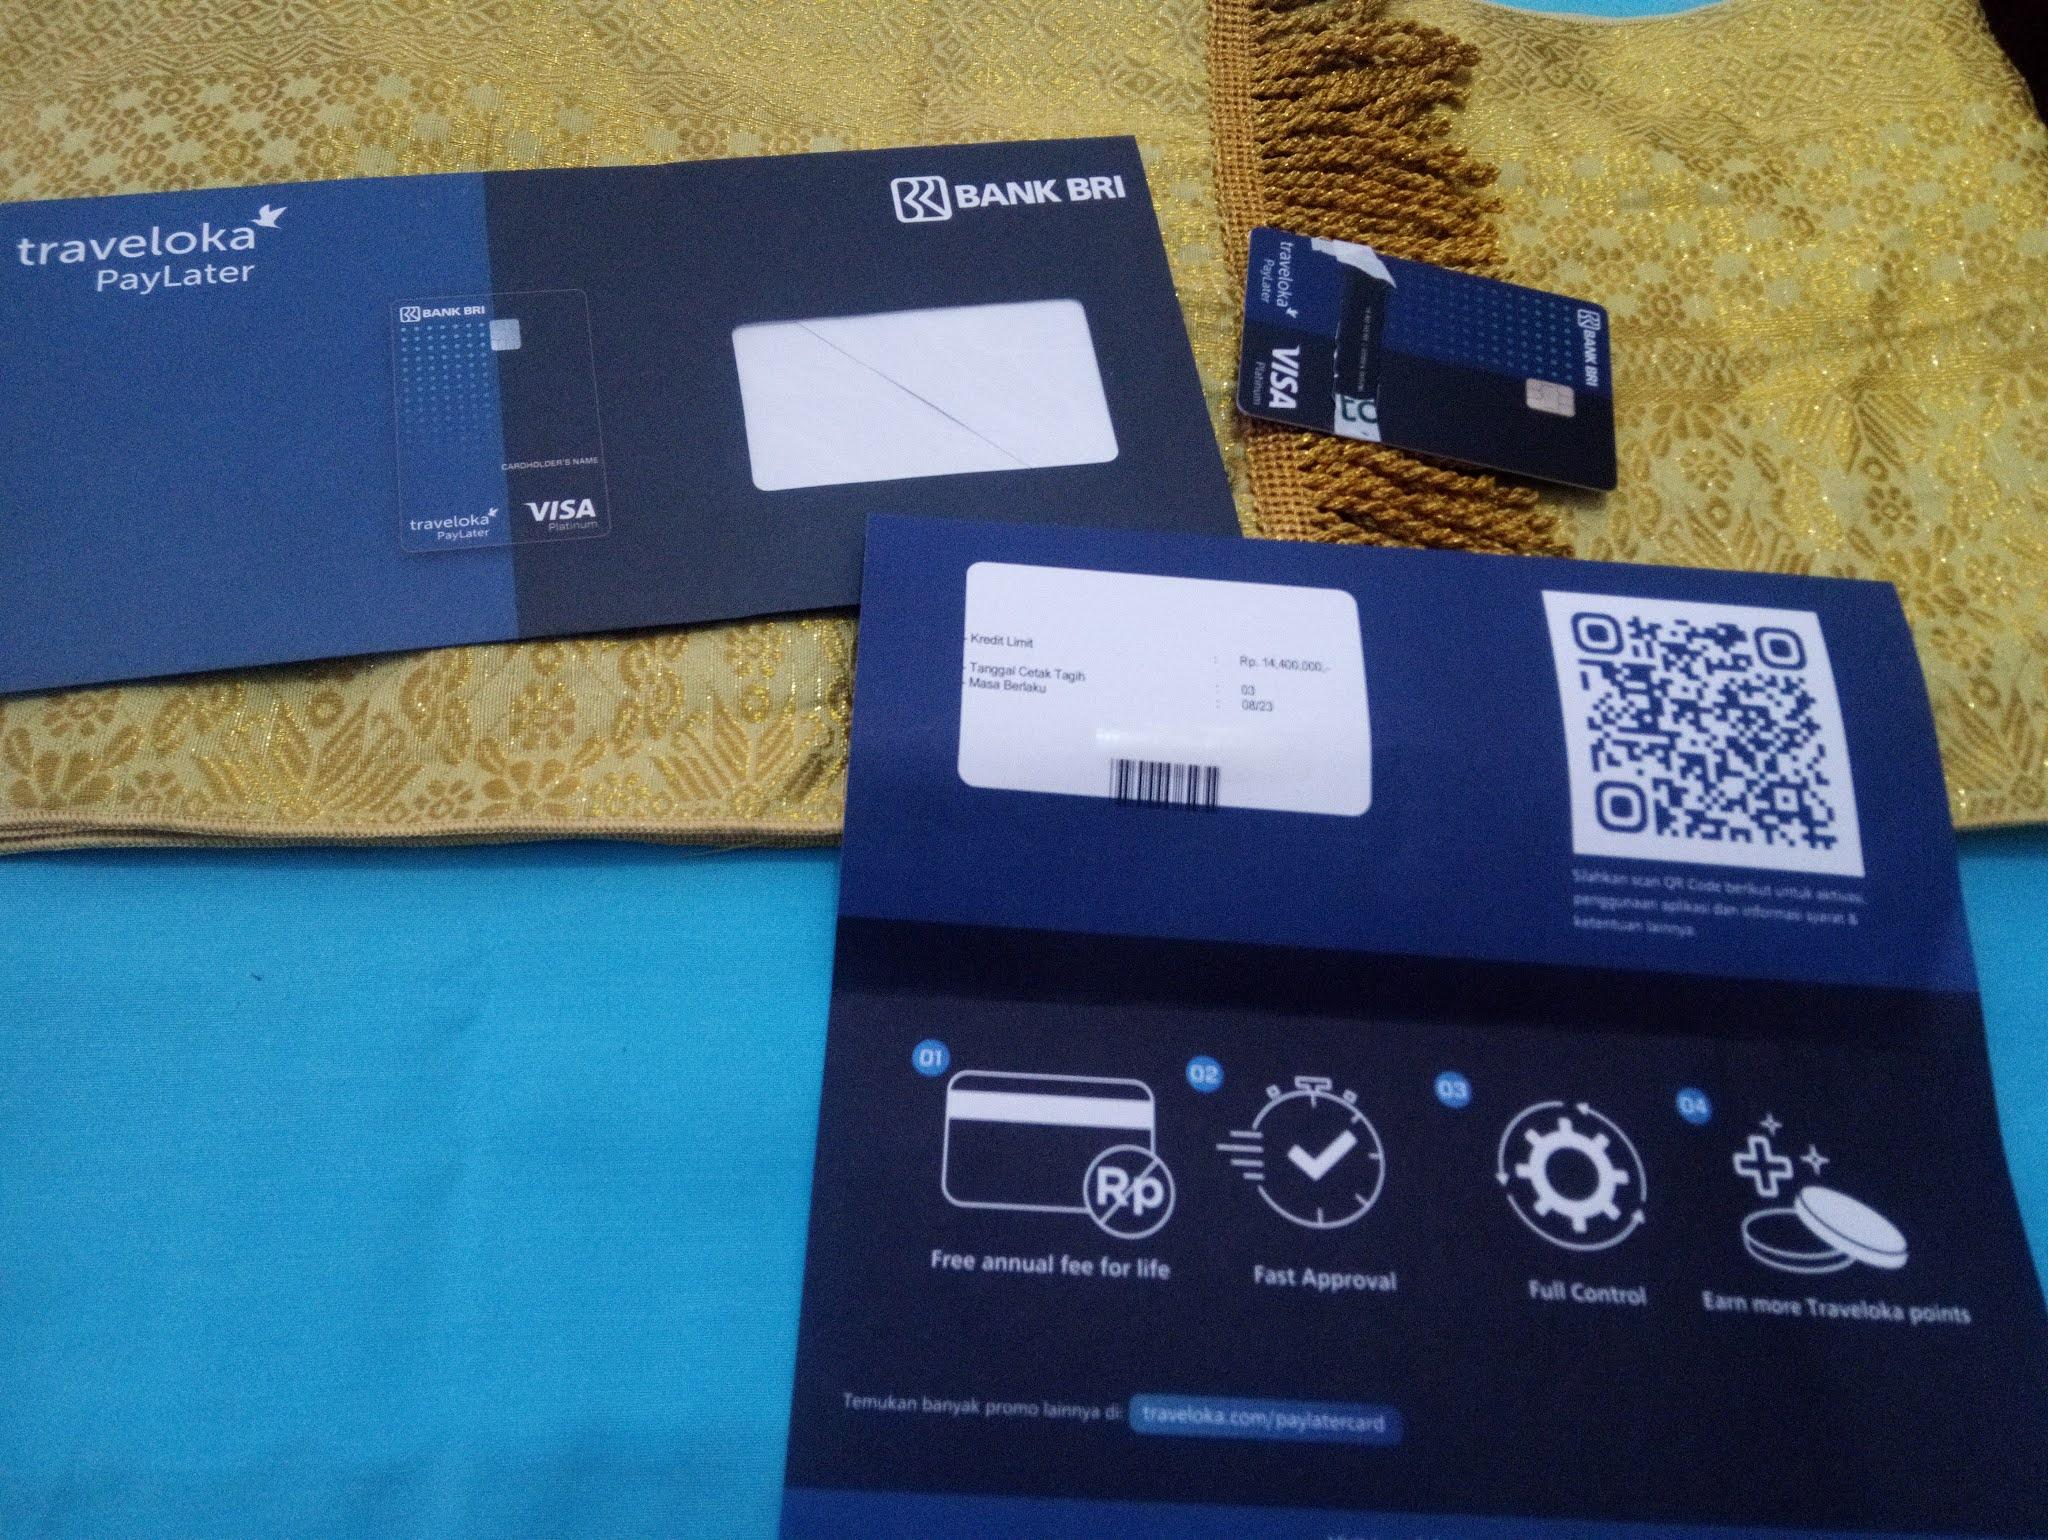 Kartu Kredit Traveloka Paylater Card Bri